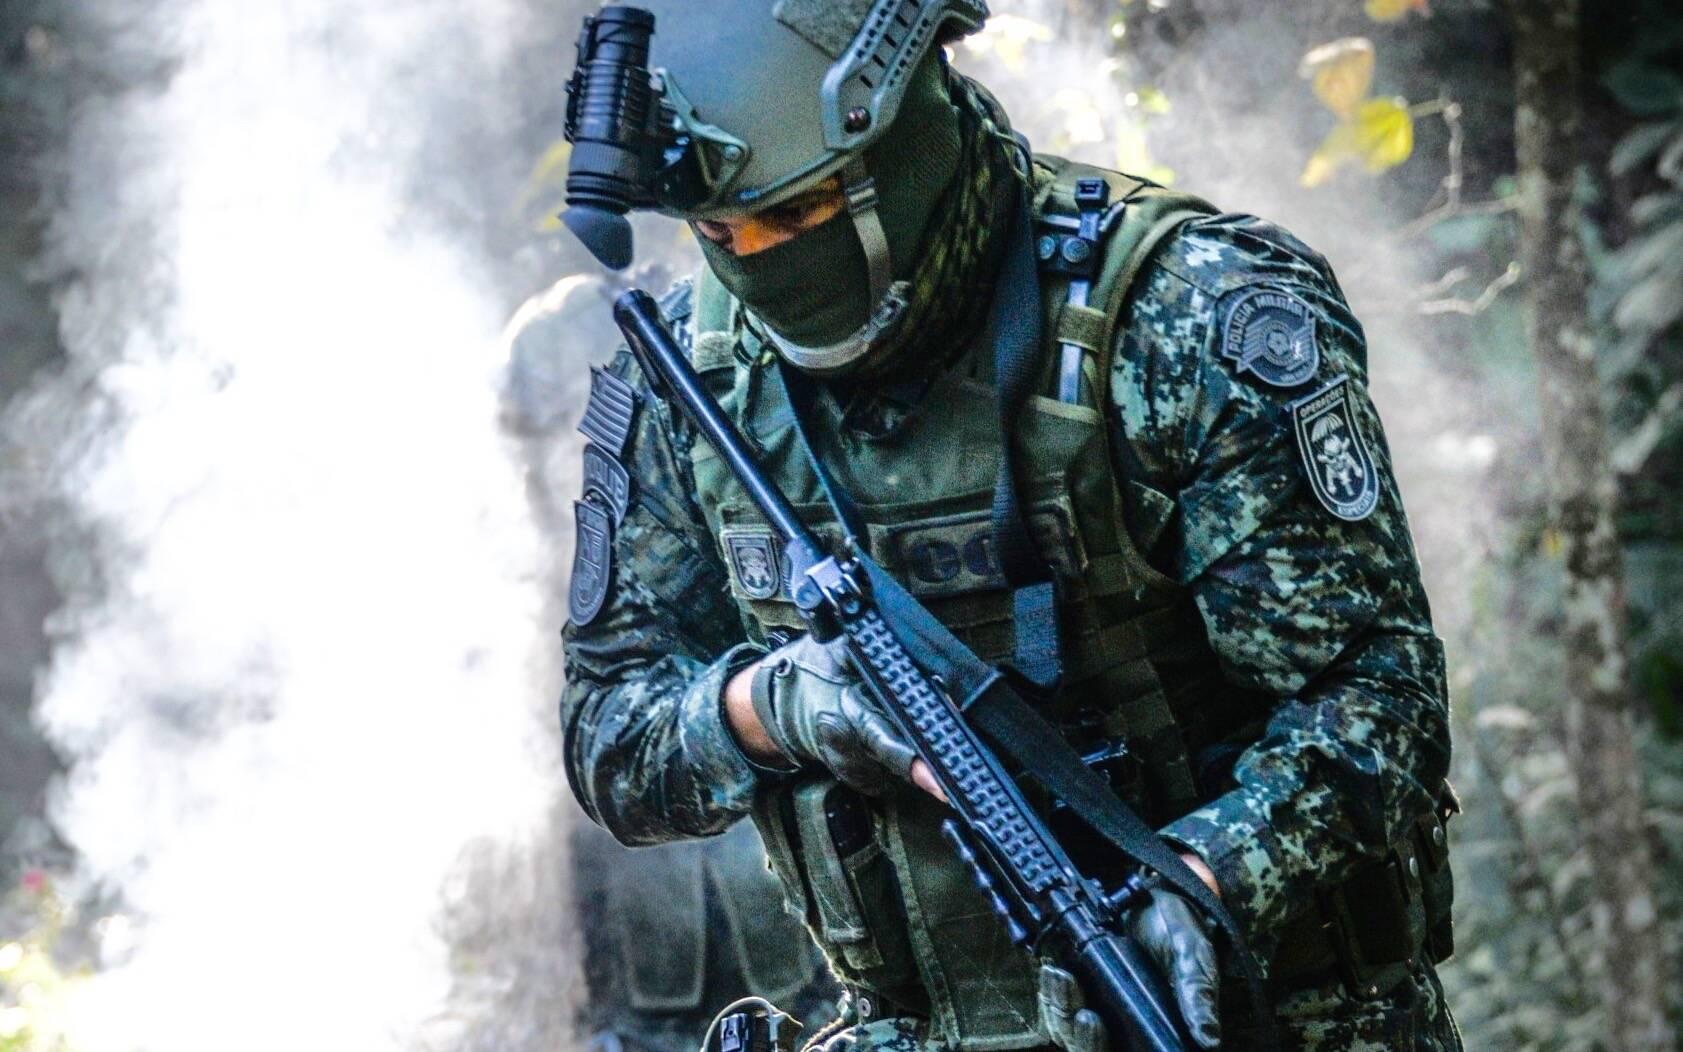 Policial do COE em treinamento de selva. Foto: Major PM Luis Augusto Pacheco Ambar